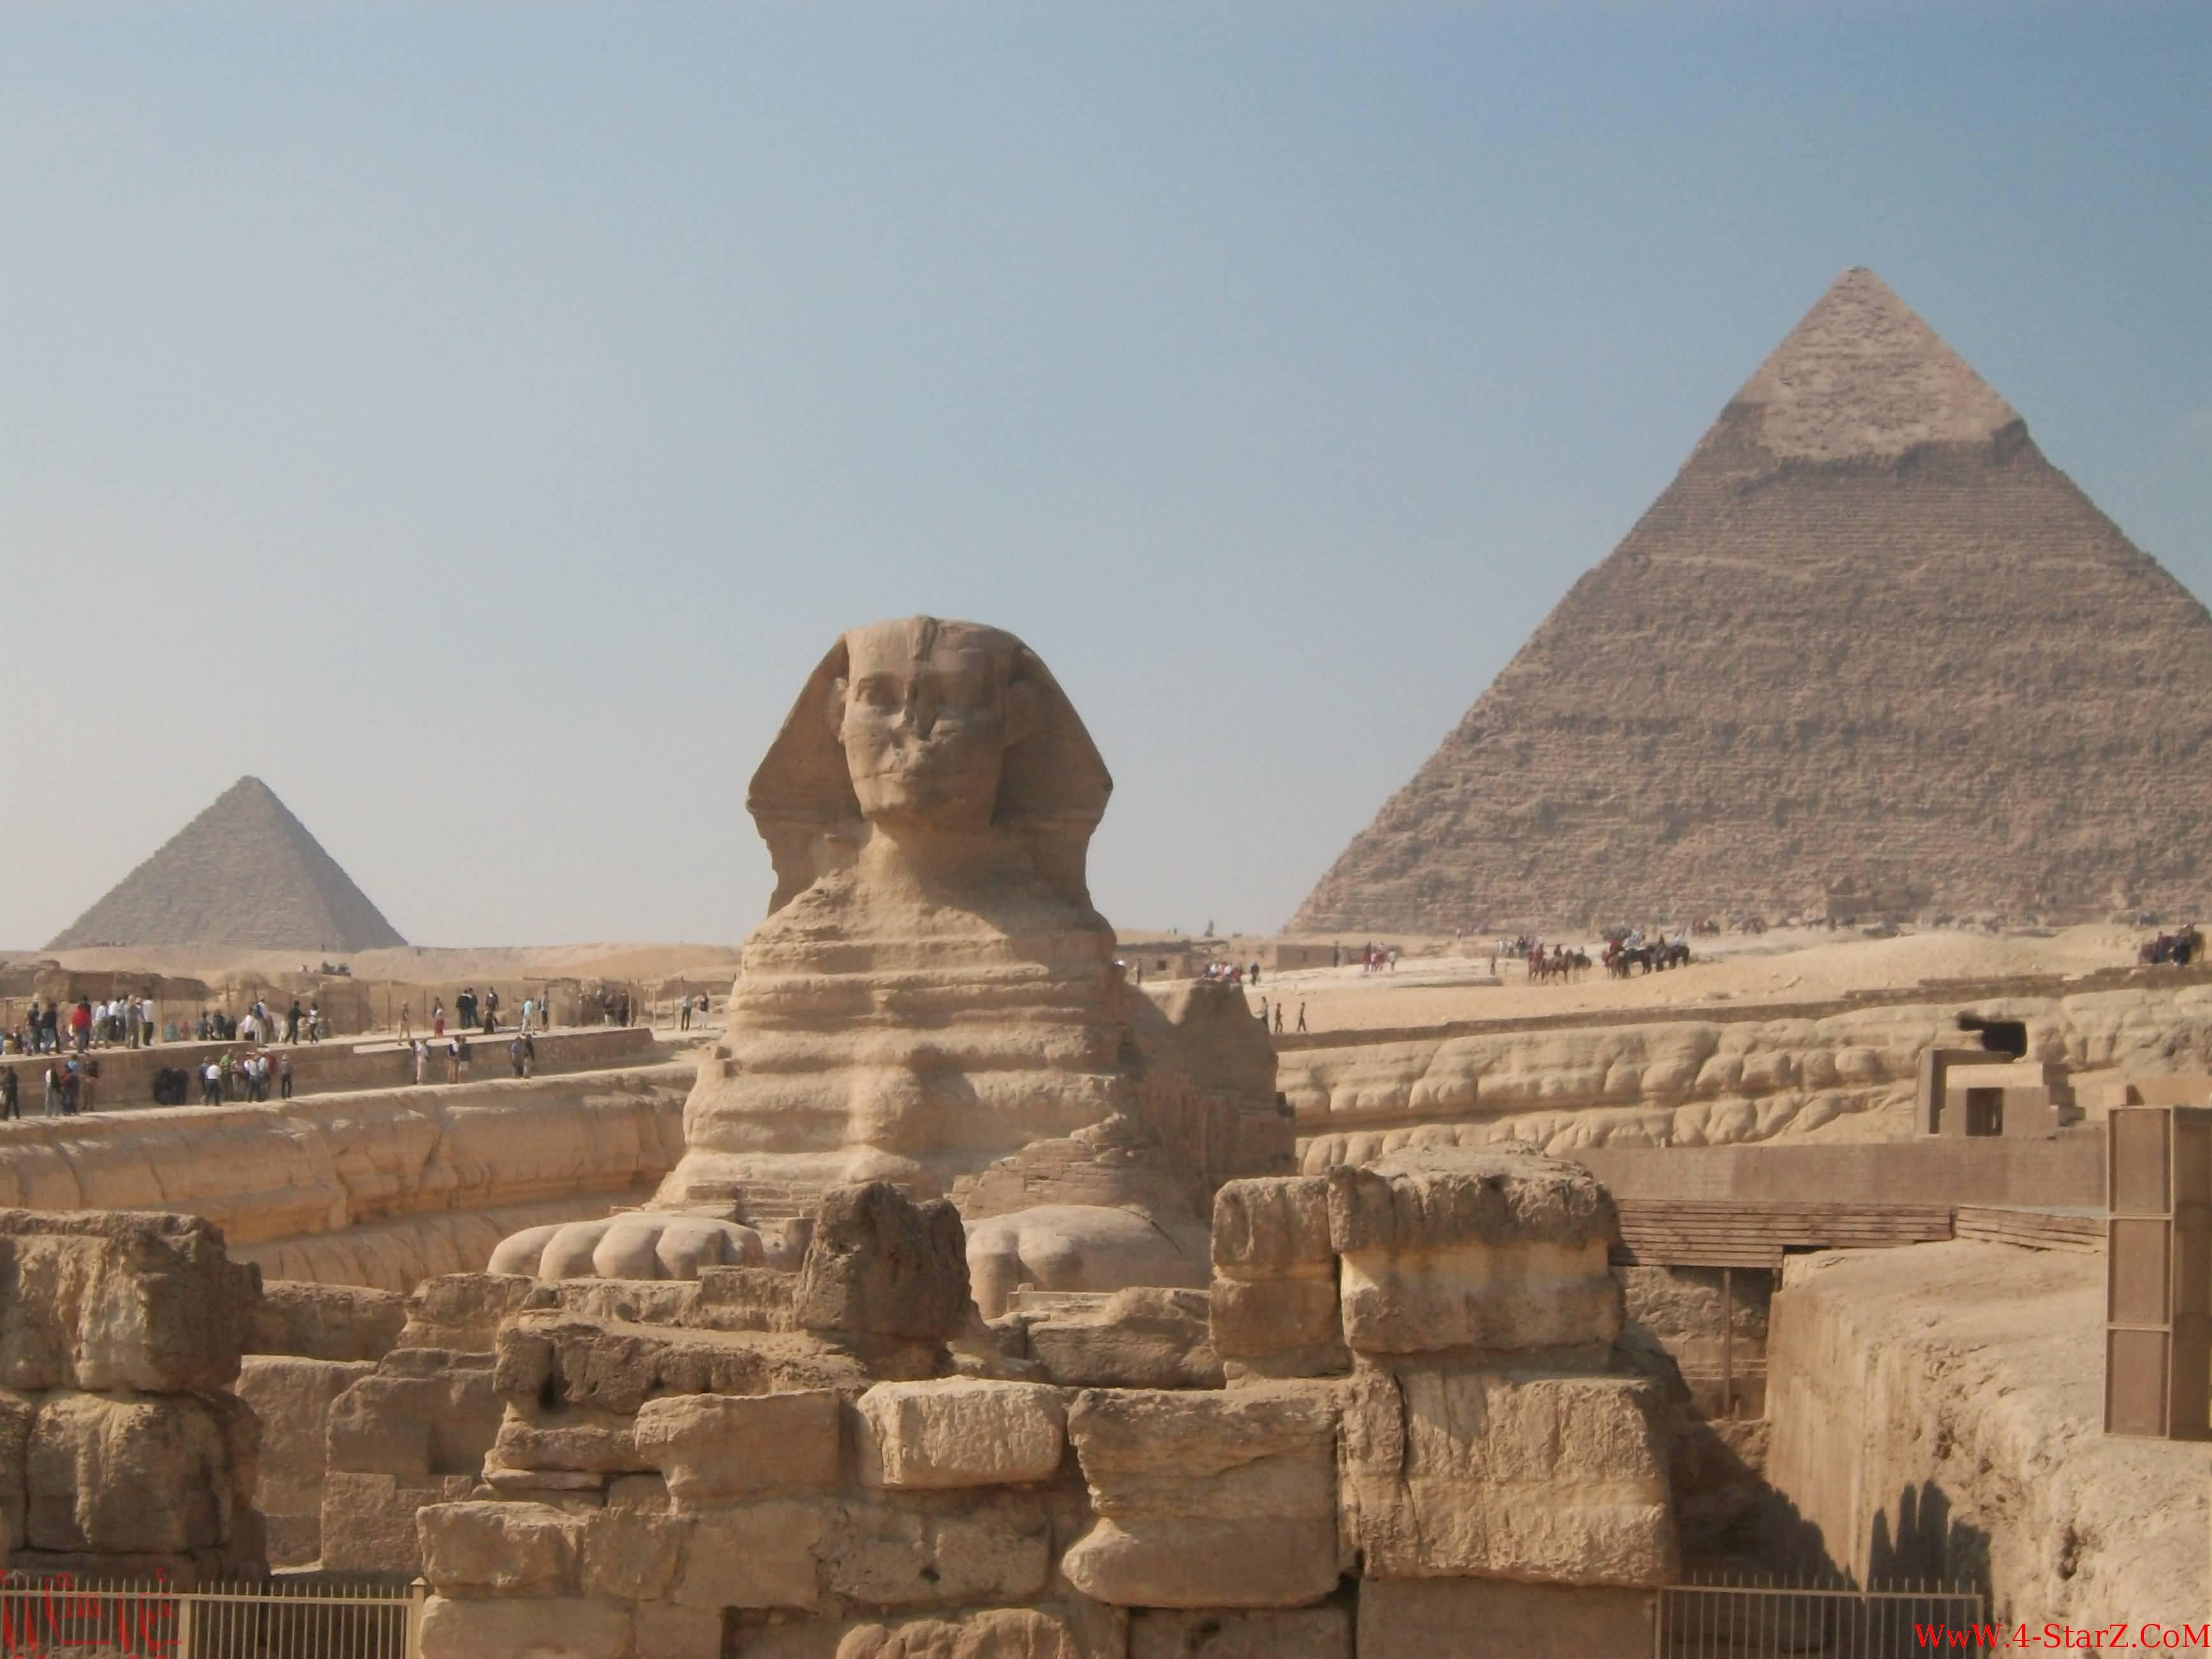 صور عجائب الدنيا السبع , اهرامات الجيزة احد عجائب الدنيا السبعة جميلة جدا اهرامات مصر 2015_1418658826_813